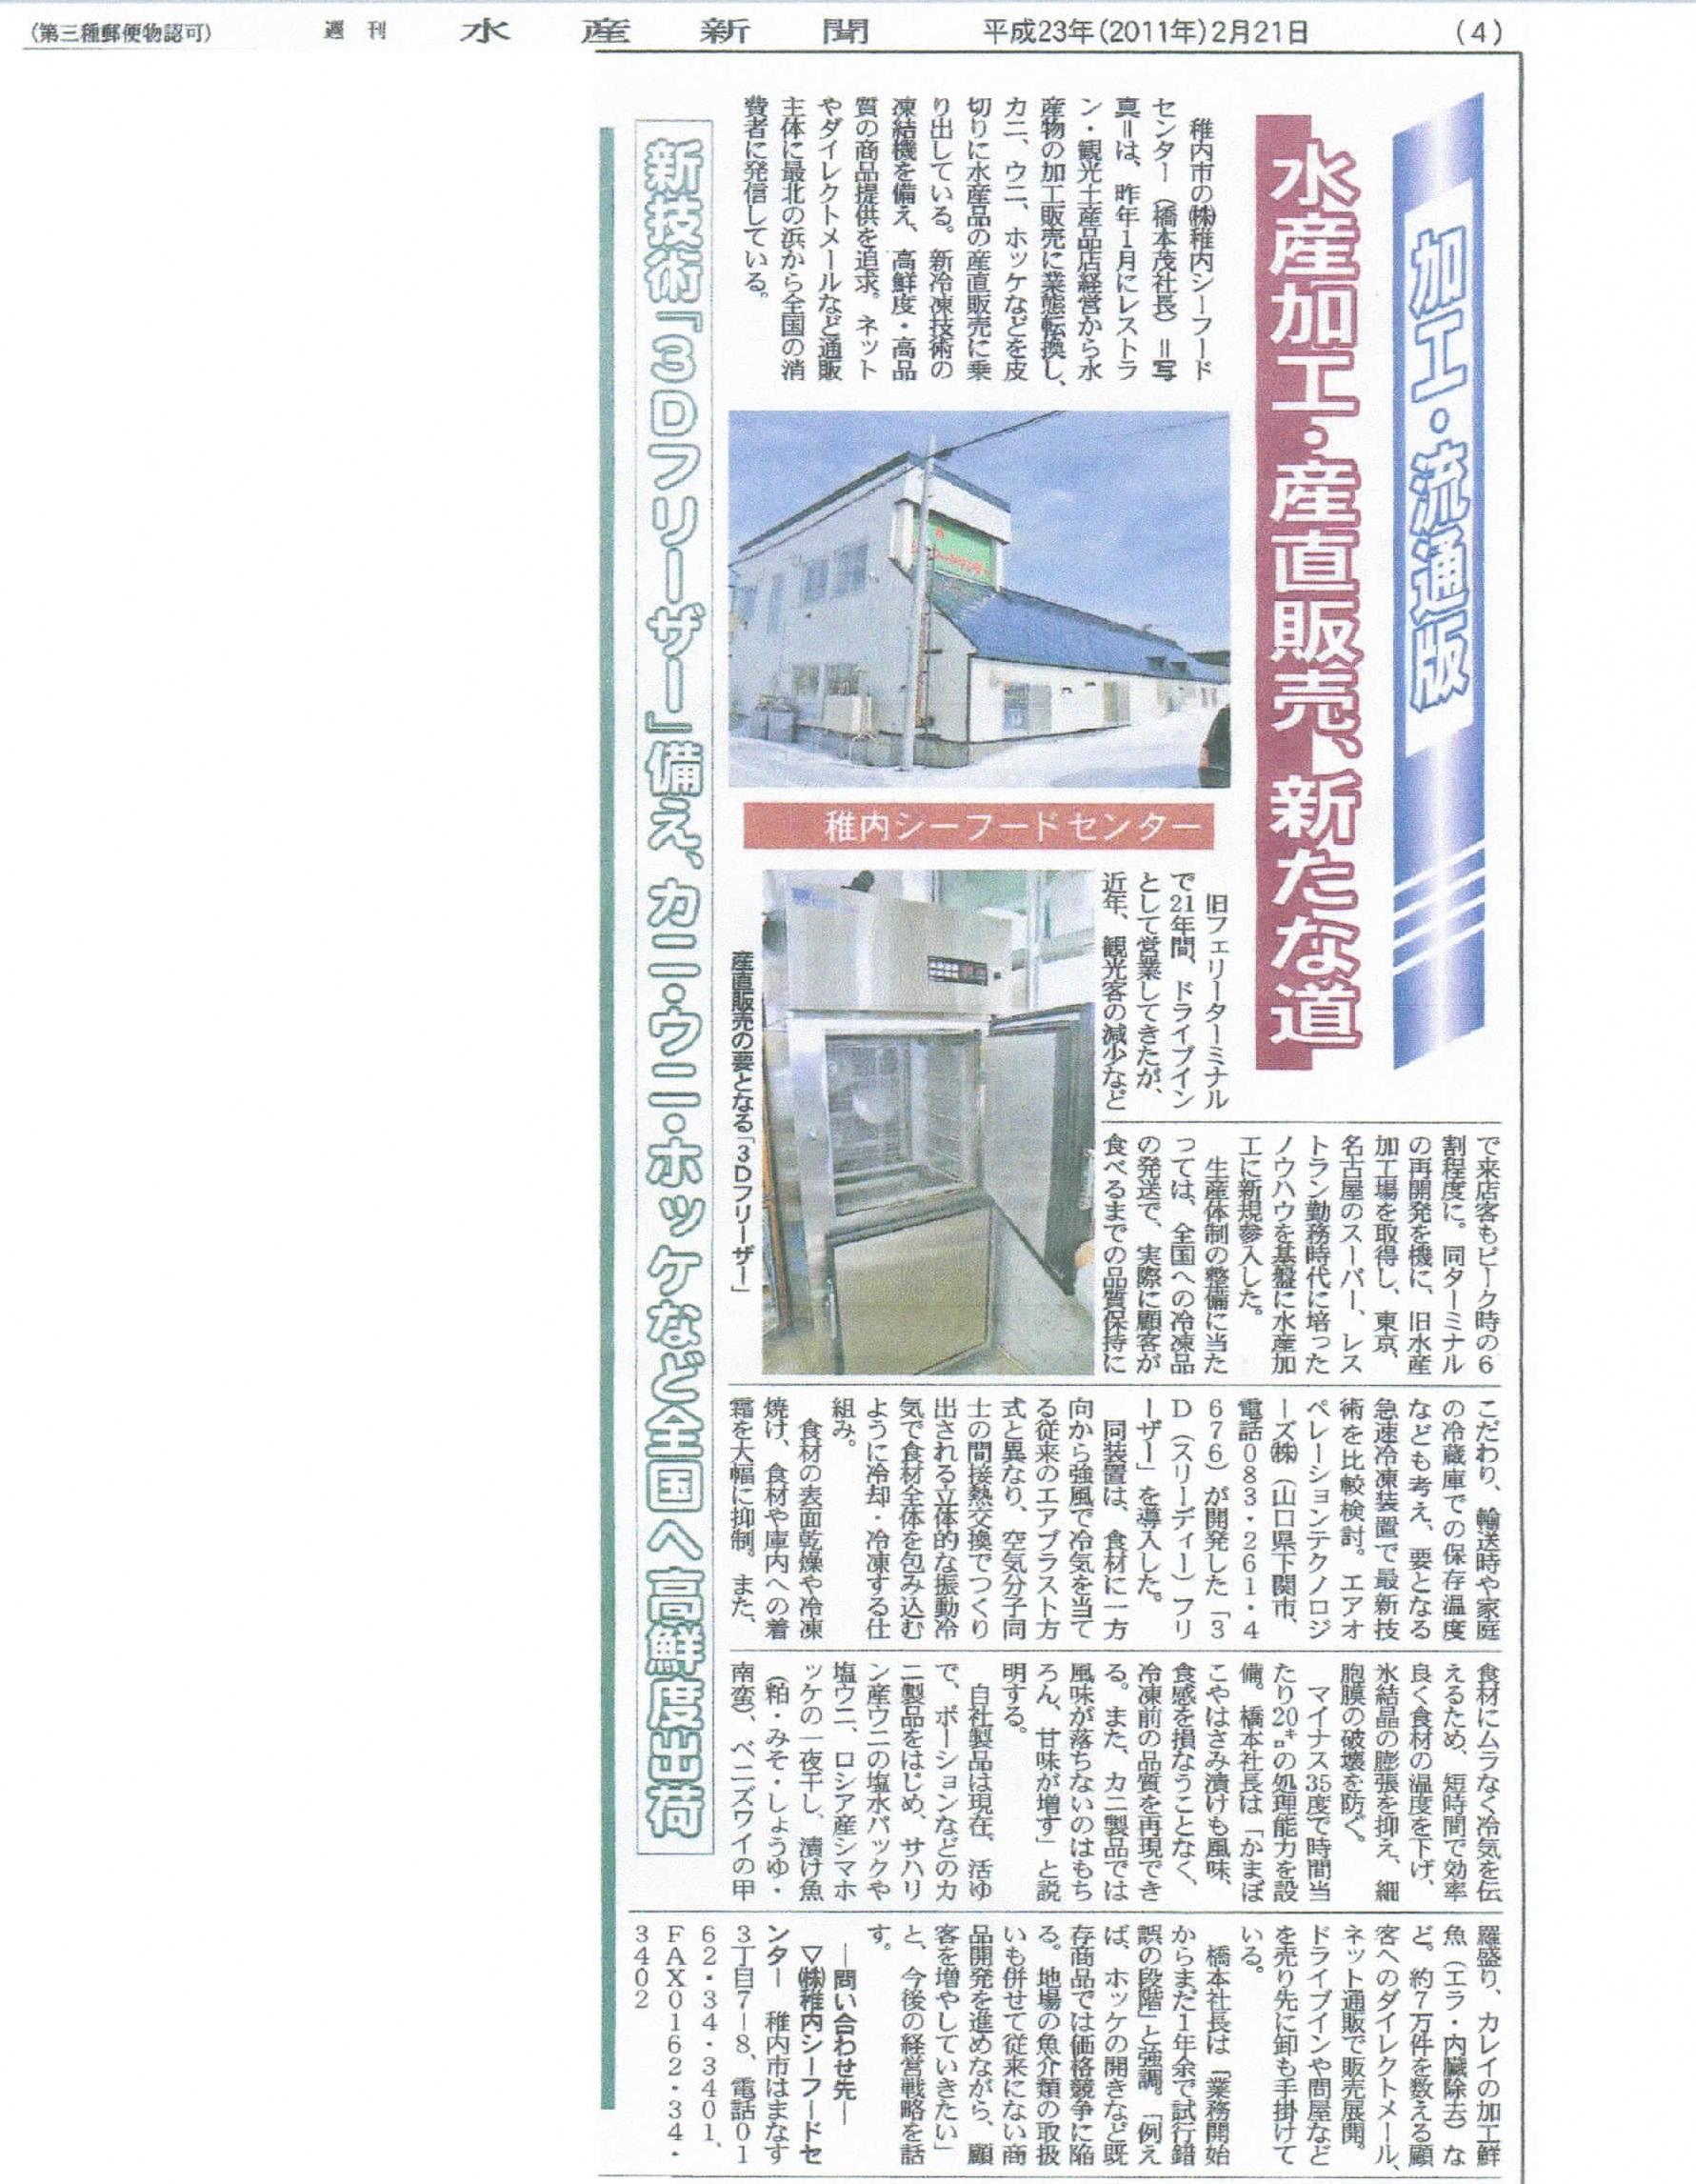 古賀産業3Dフリーザーメディア掲載水産新聞